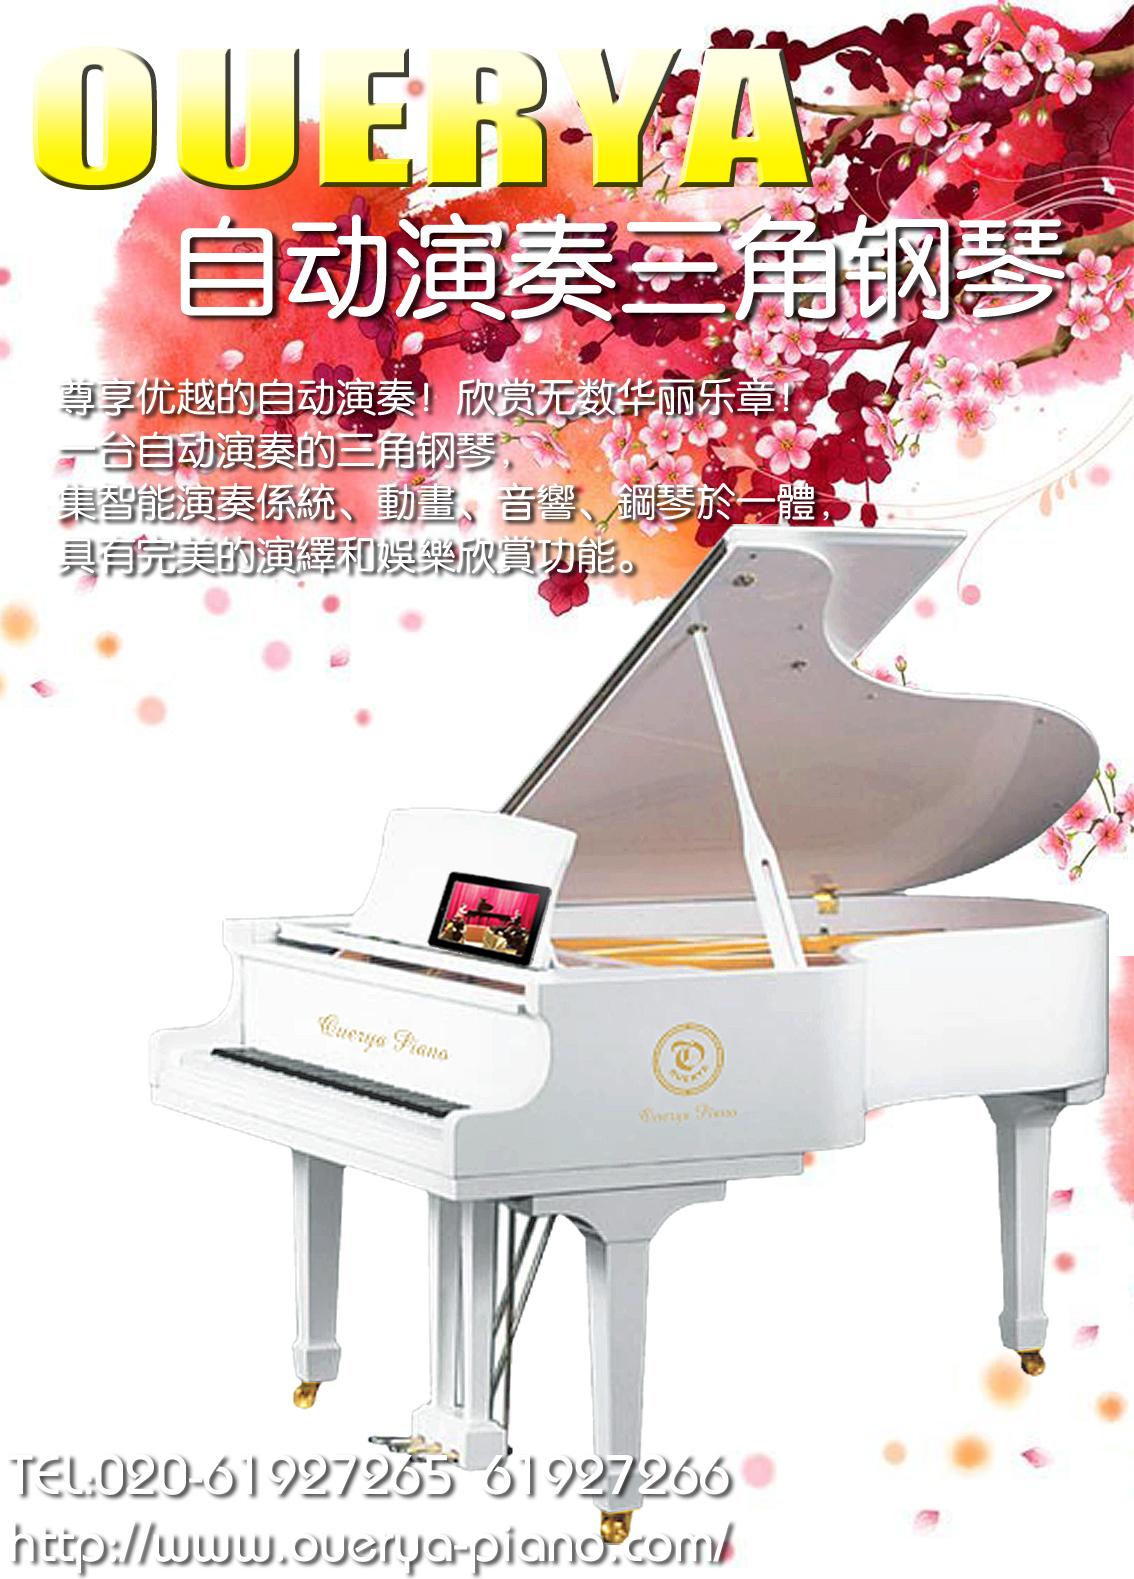 保定钢琴自动演奏系统价格图片